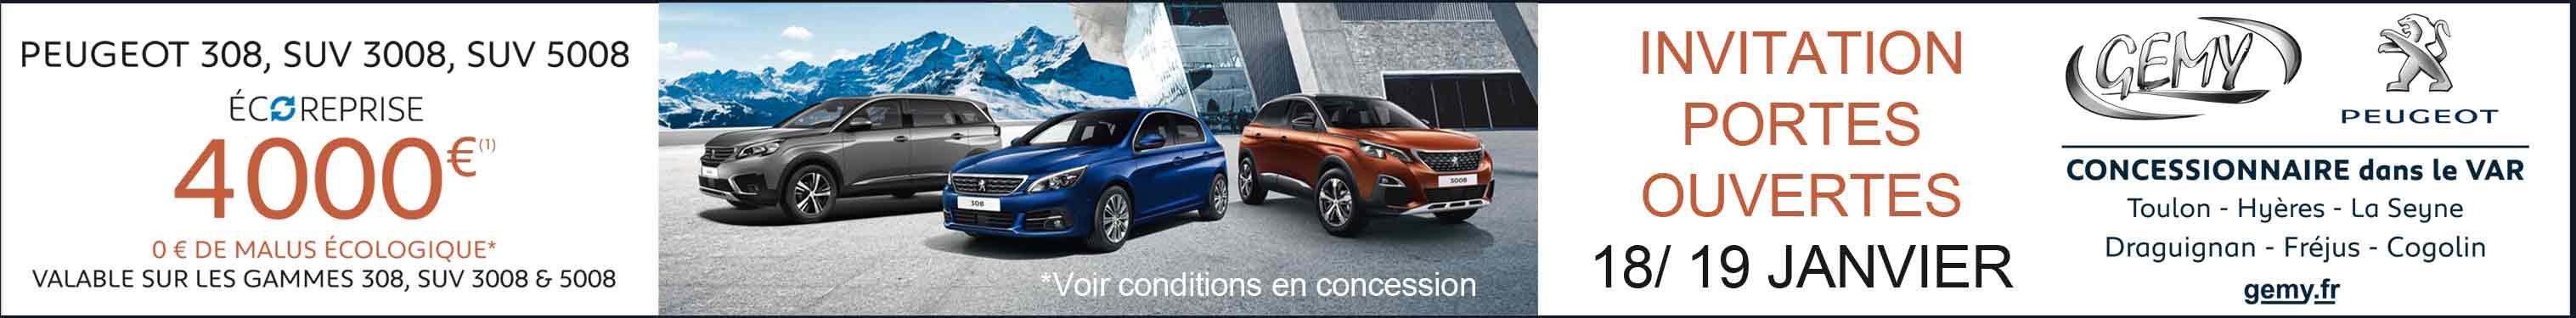 Gemy Peugeot : portes ouvertes les 18 et 19 janvier 2020